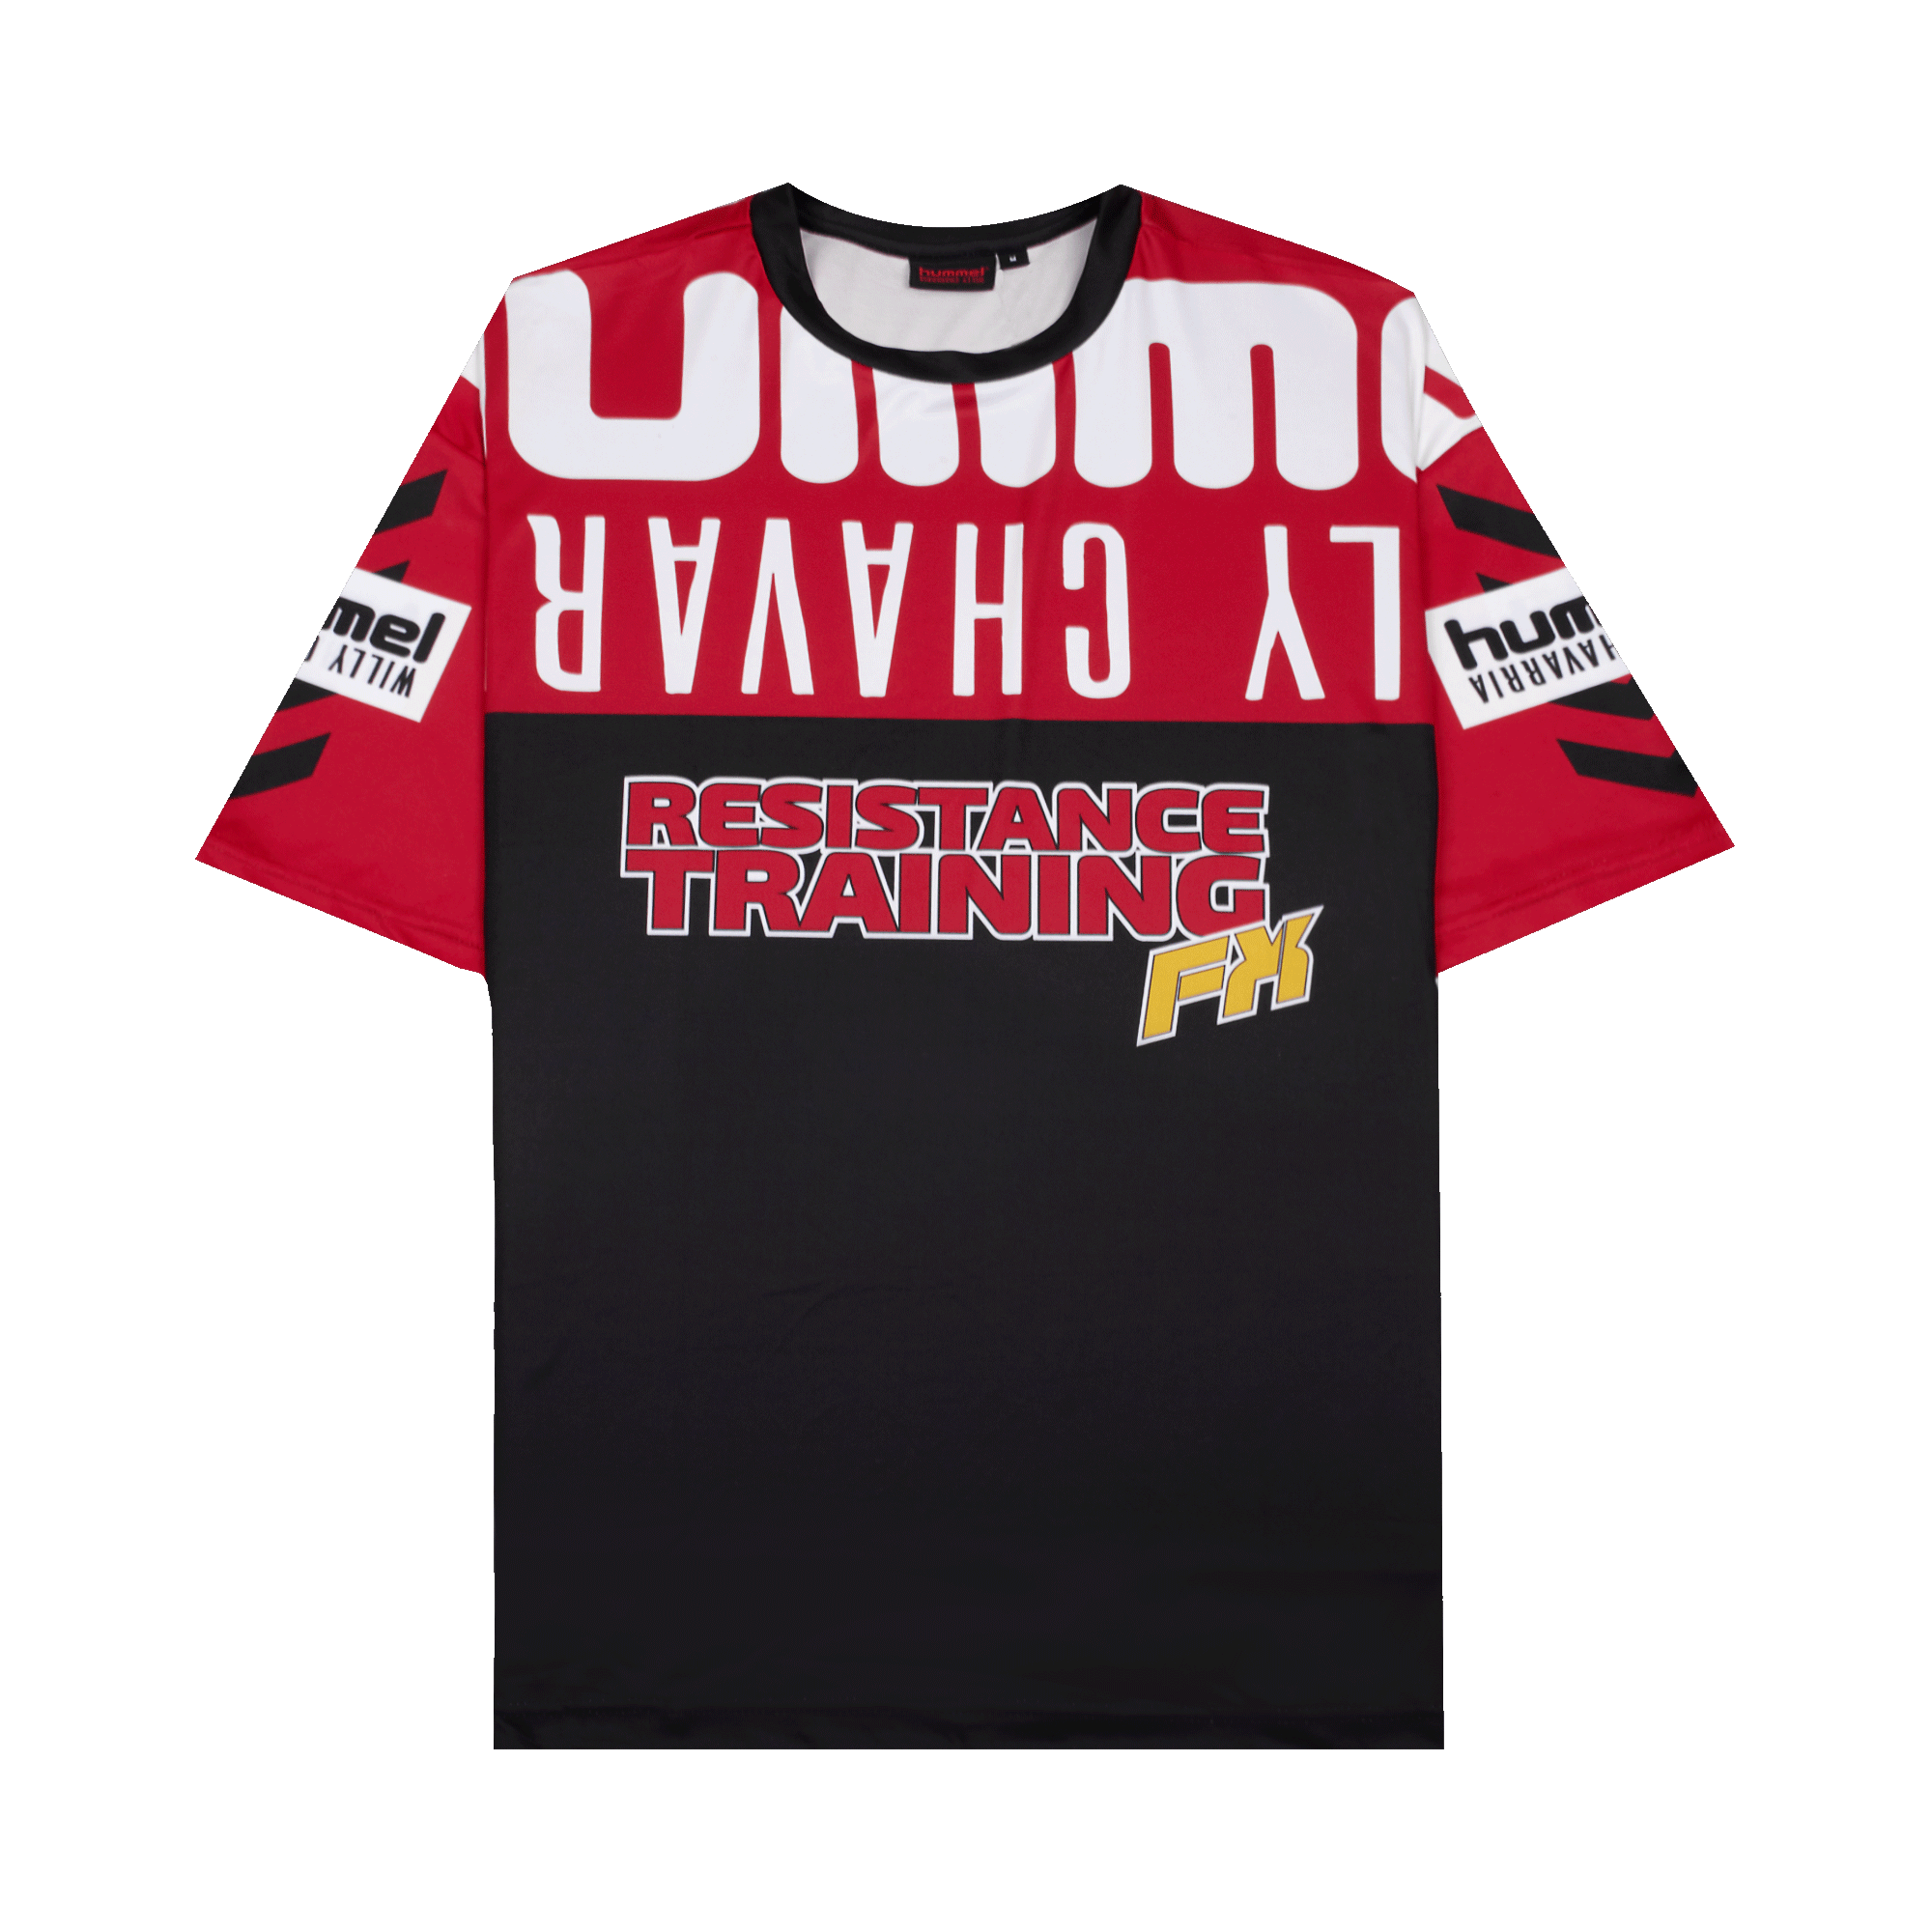 oryginalne buty kupuję teraz najnowszy projekt Hummel Resistance Training T-Shirt x Willy Chavarria black / red - T-shirt  | Holypopstore.com